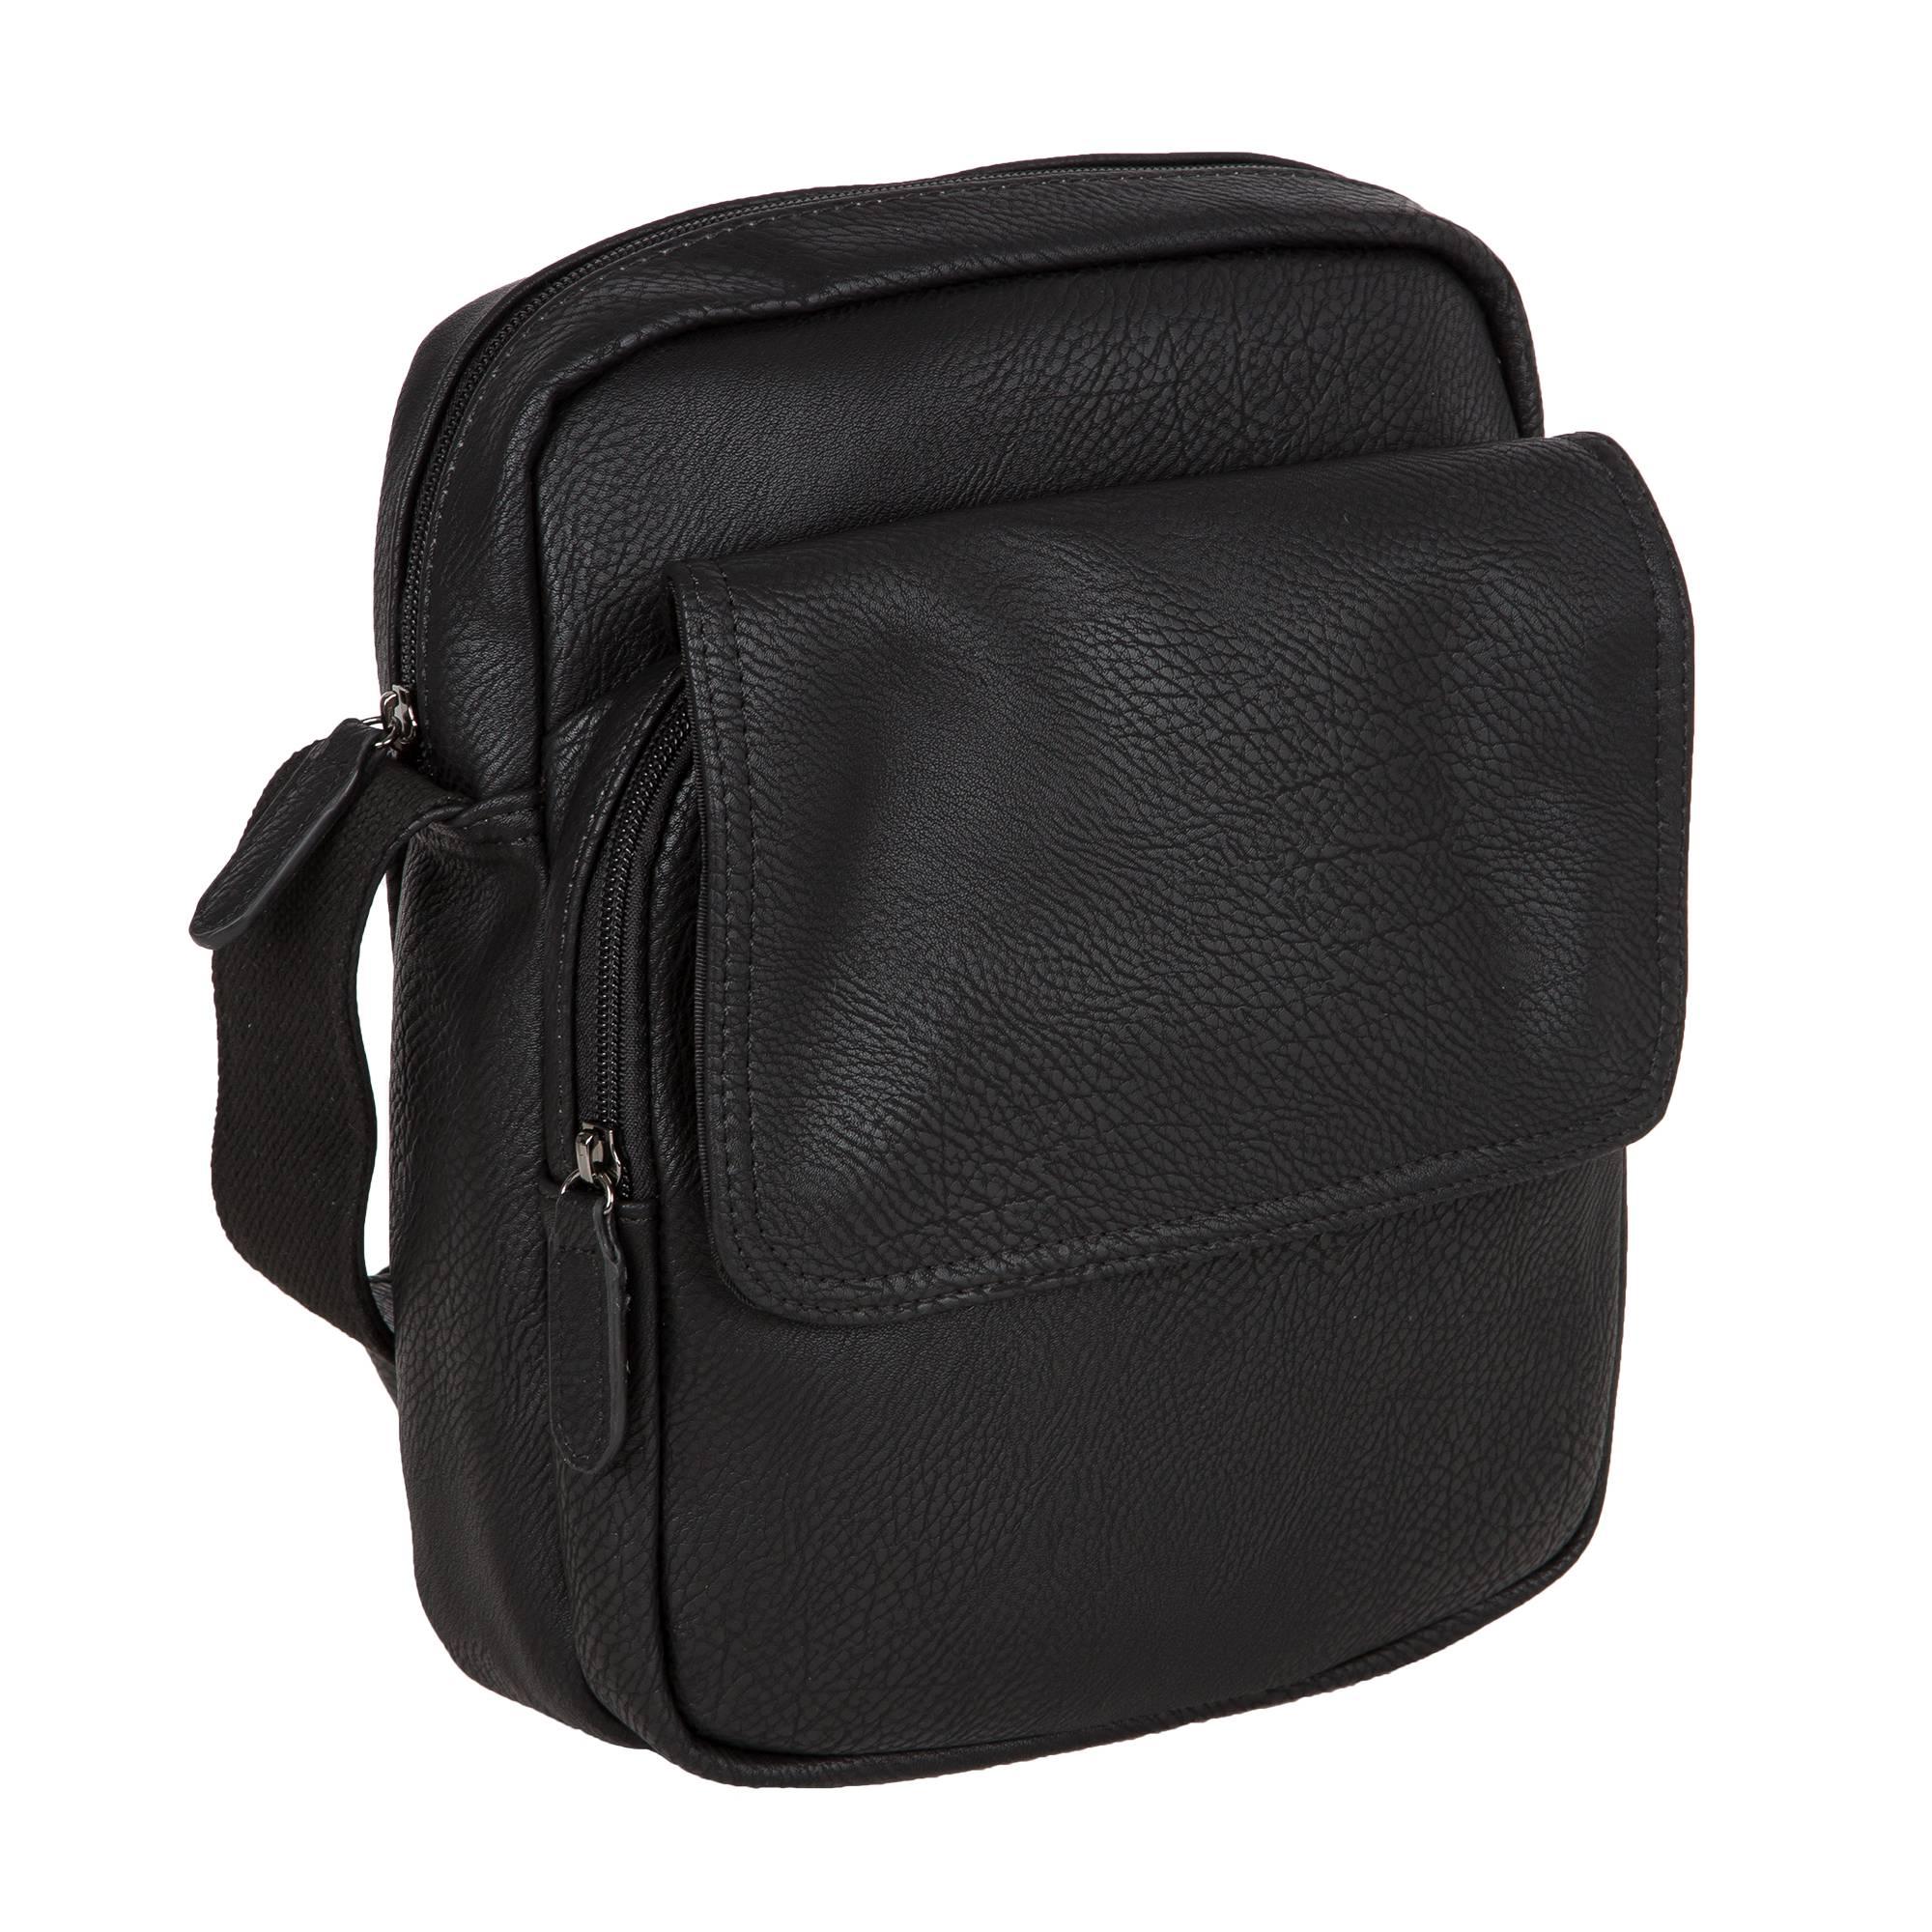 92e057c2a55e Кожаные мужские сумки - купить оптом - интернет-магазин Pola.ru